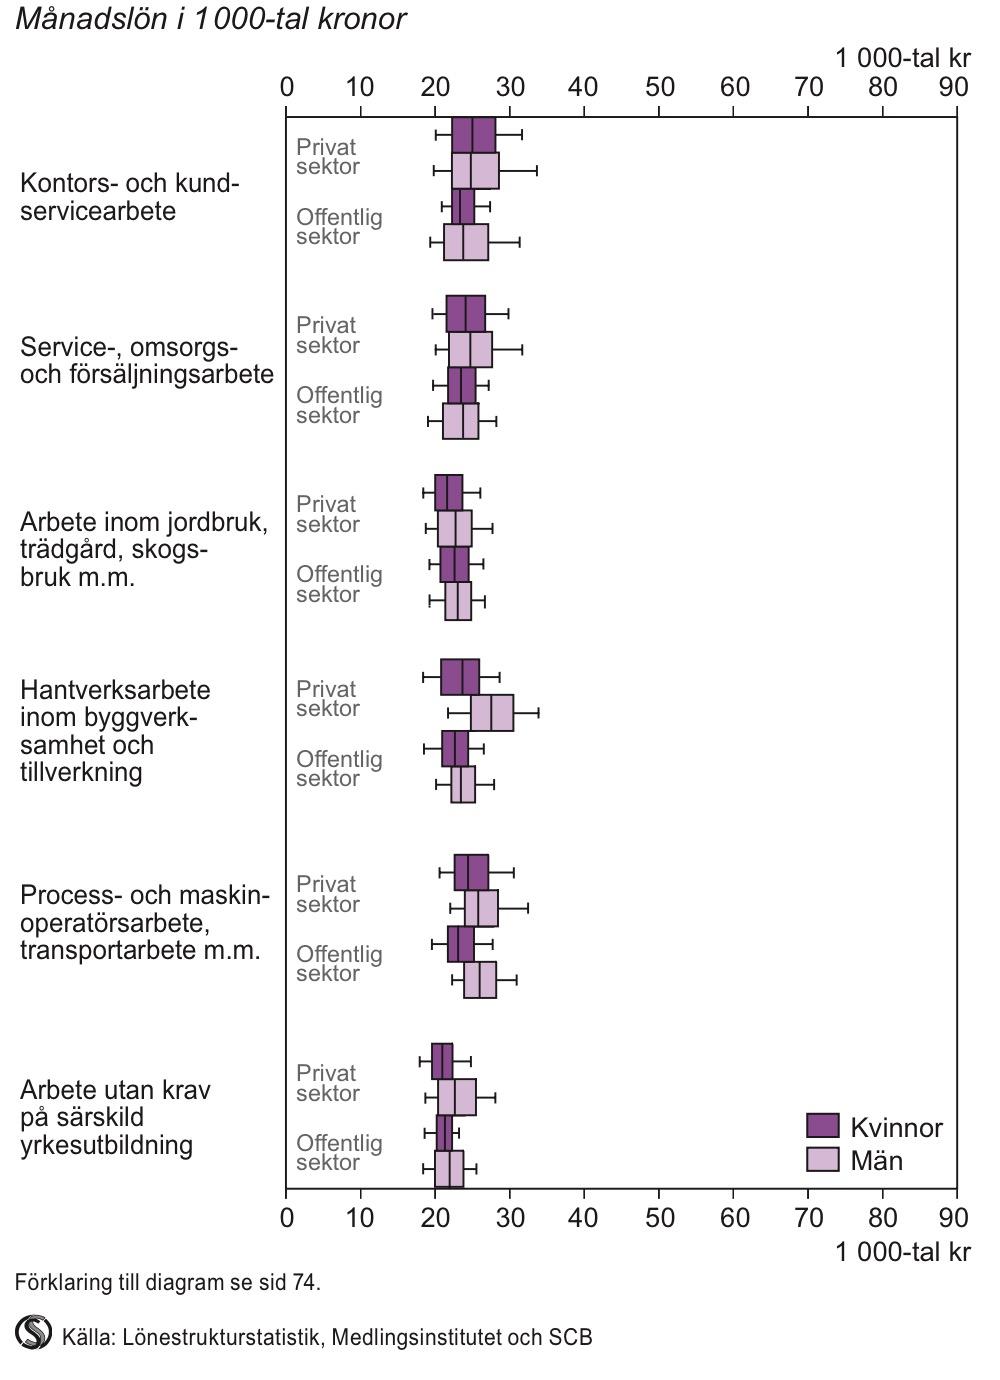 Lönespridning efter yrkesområden som normalt inte kräver högskoleutbildning 2012